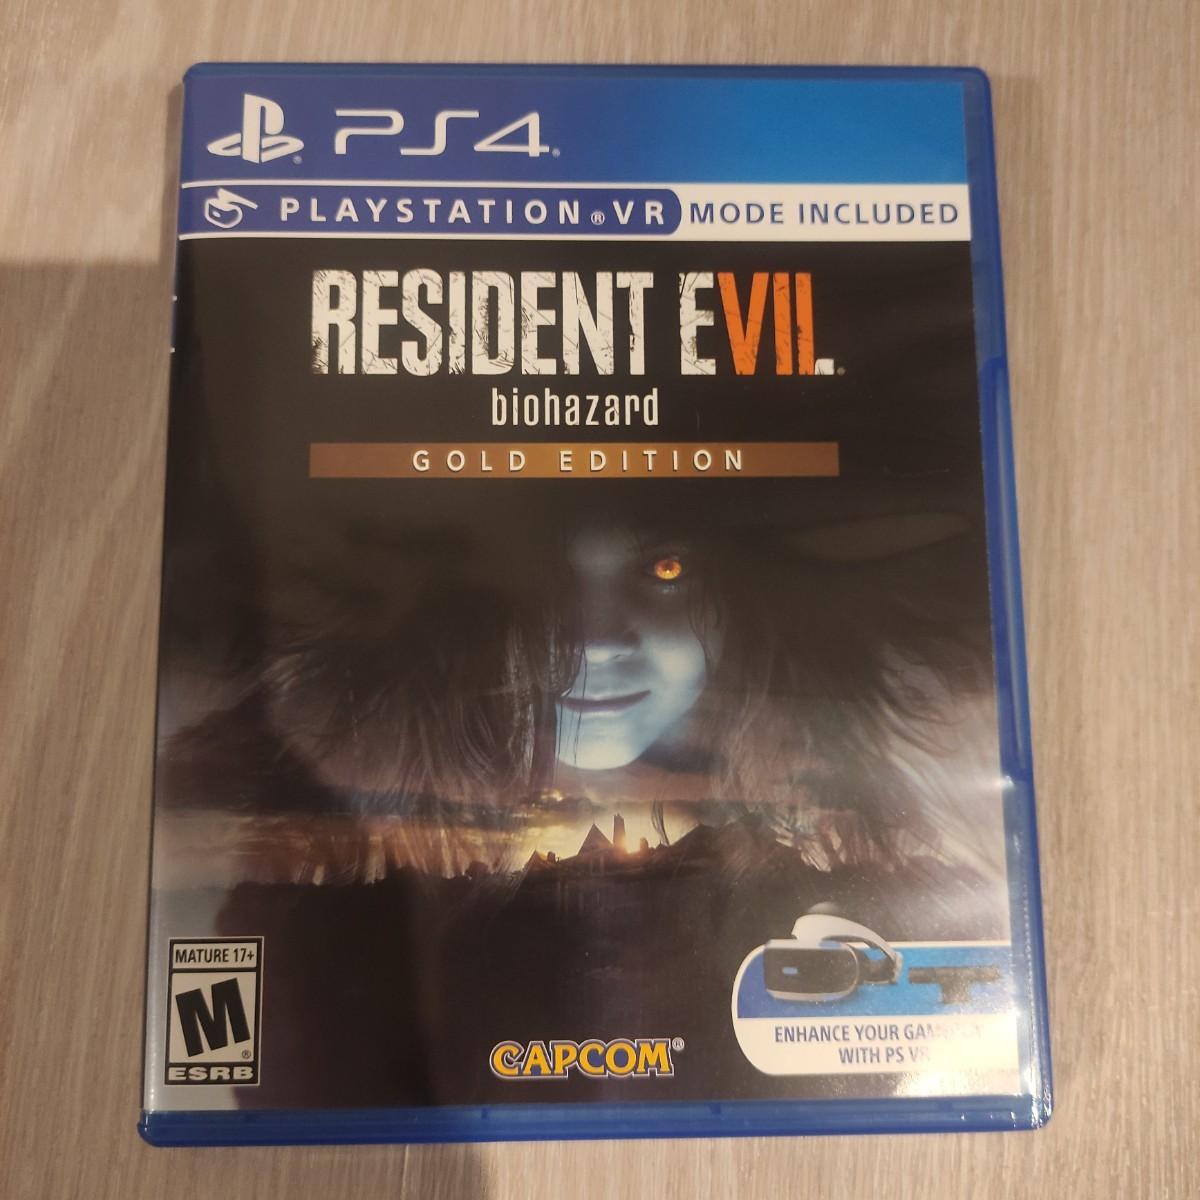 北米版 RESIDENT EVIL PS4 BIOHAZARD EDITION GOLD PSVR バイオハザード7